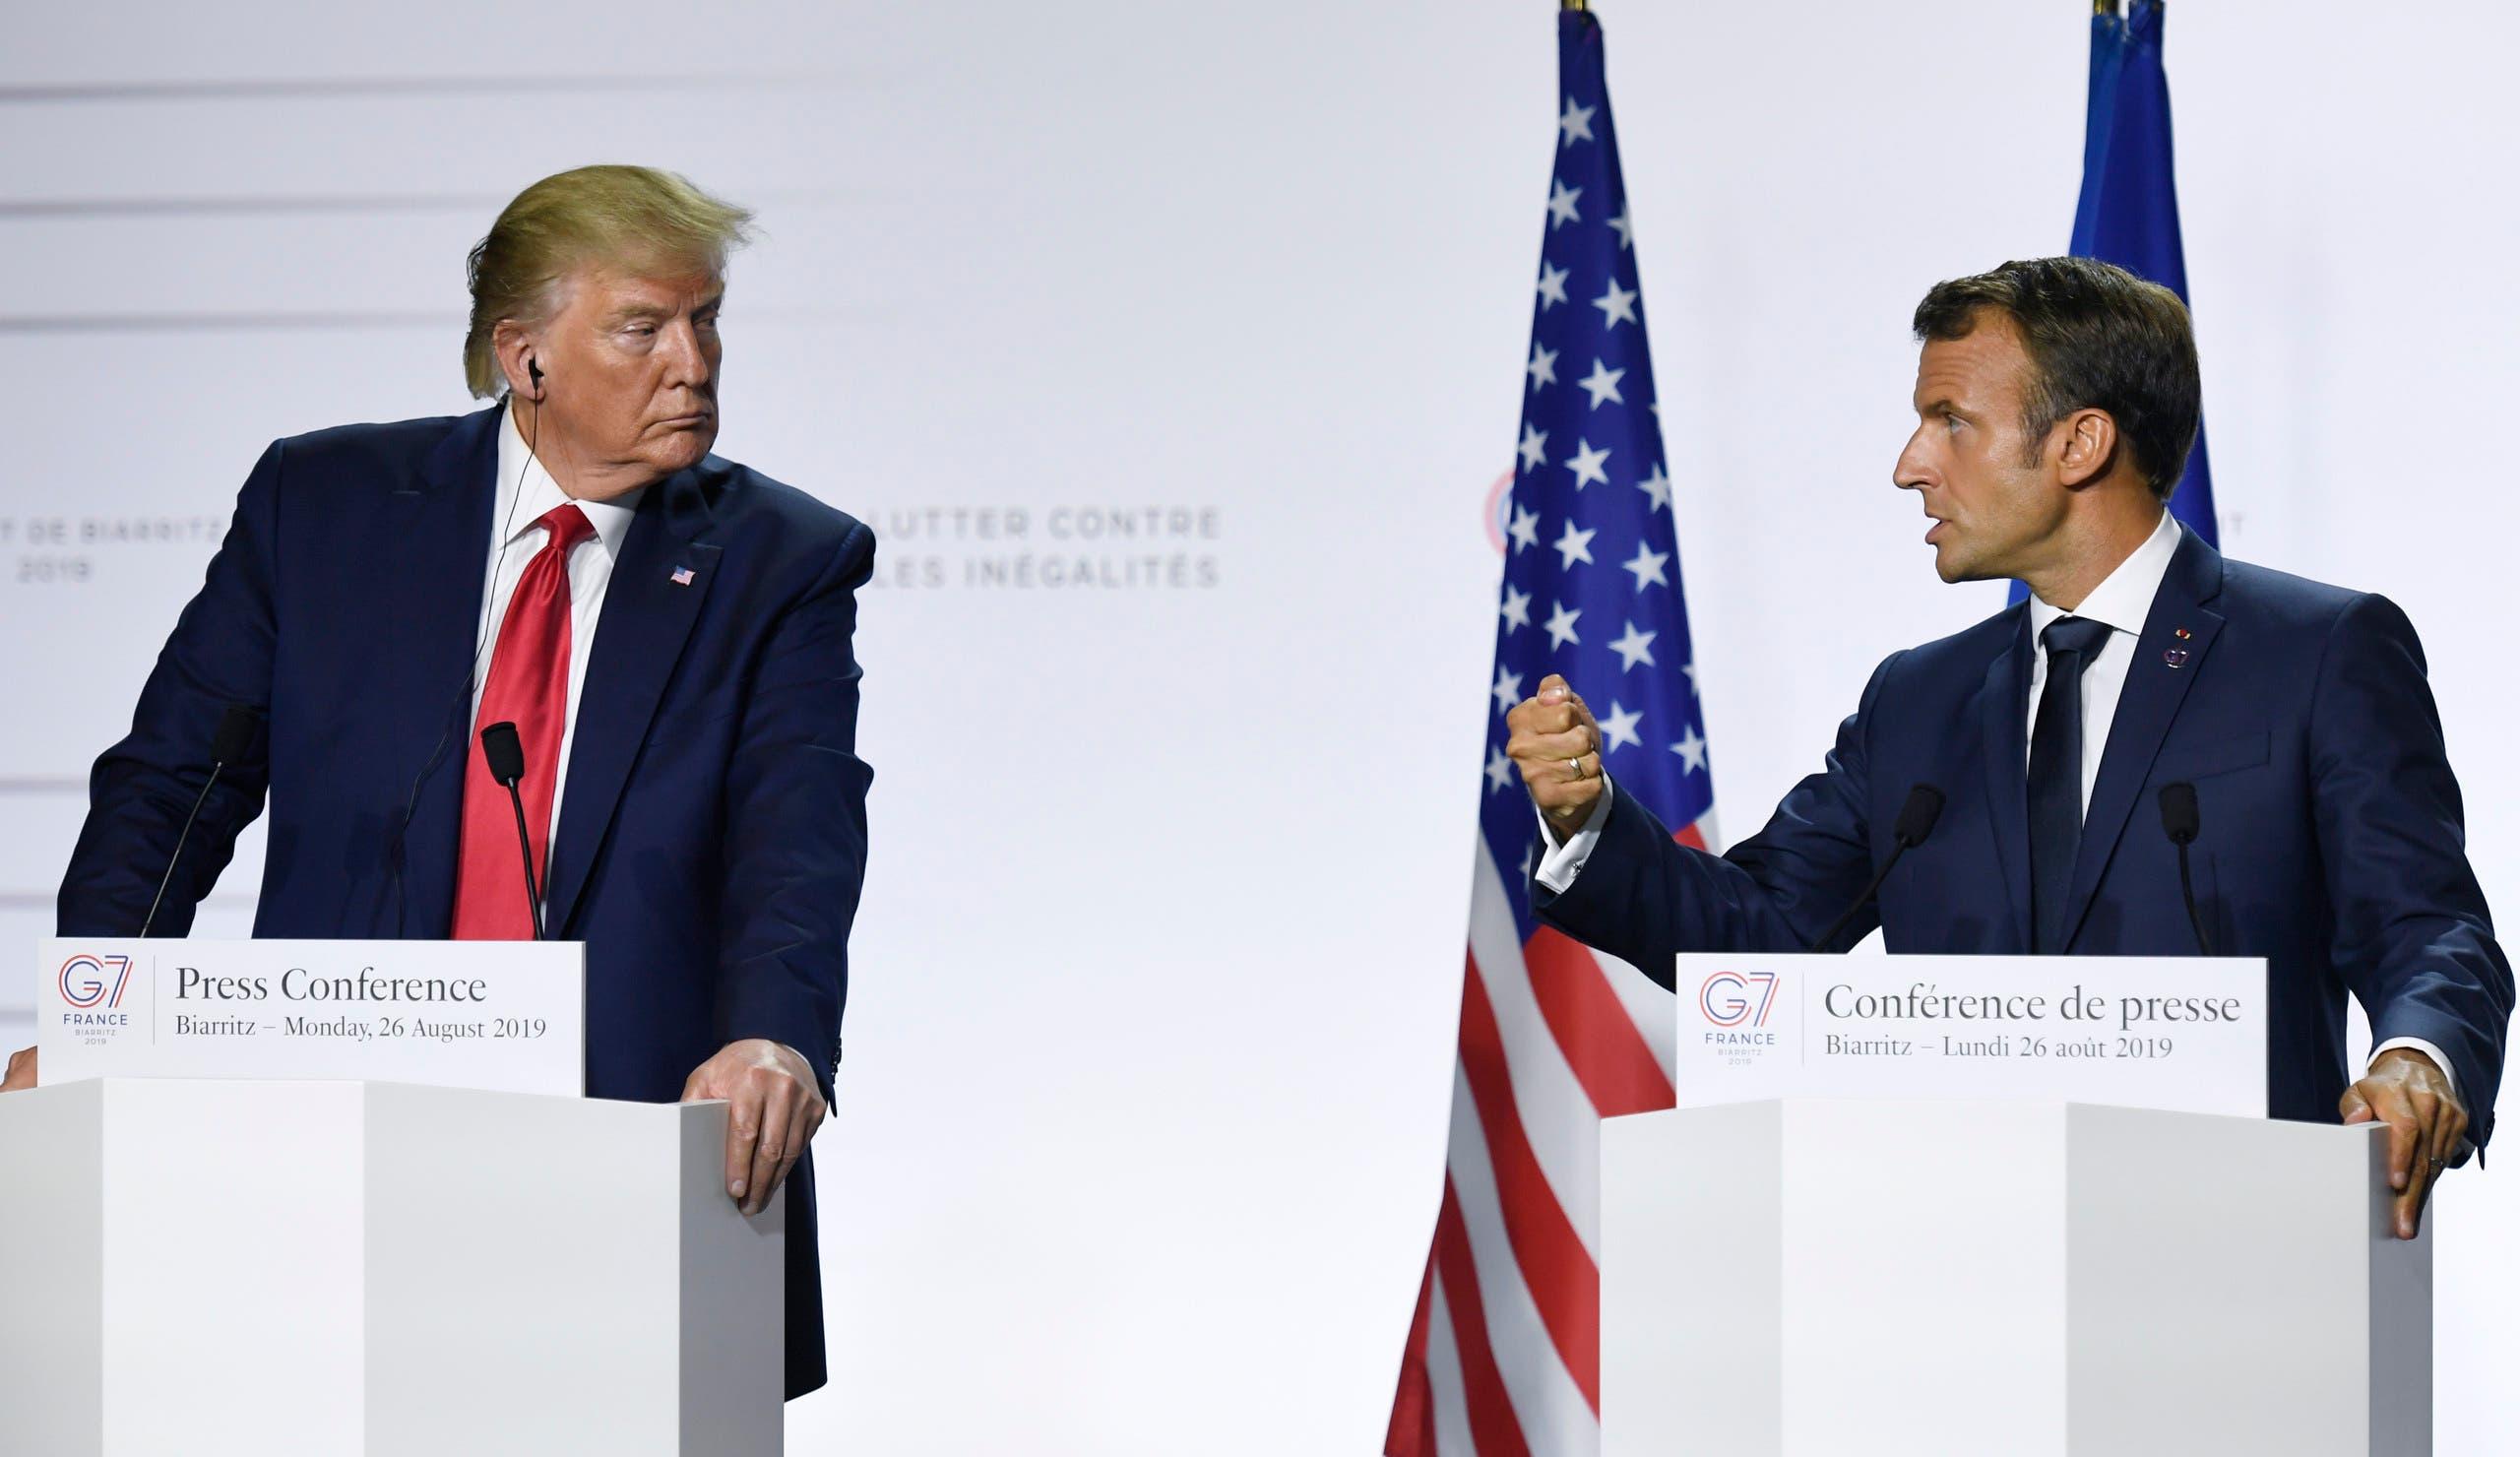 لقاء بين الرئيس الفرنسي ايمانويل ماكرون والرئيس الأميركي دونالد ترمب خلال قمة مجموعة الـ7 (أرشيفية)